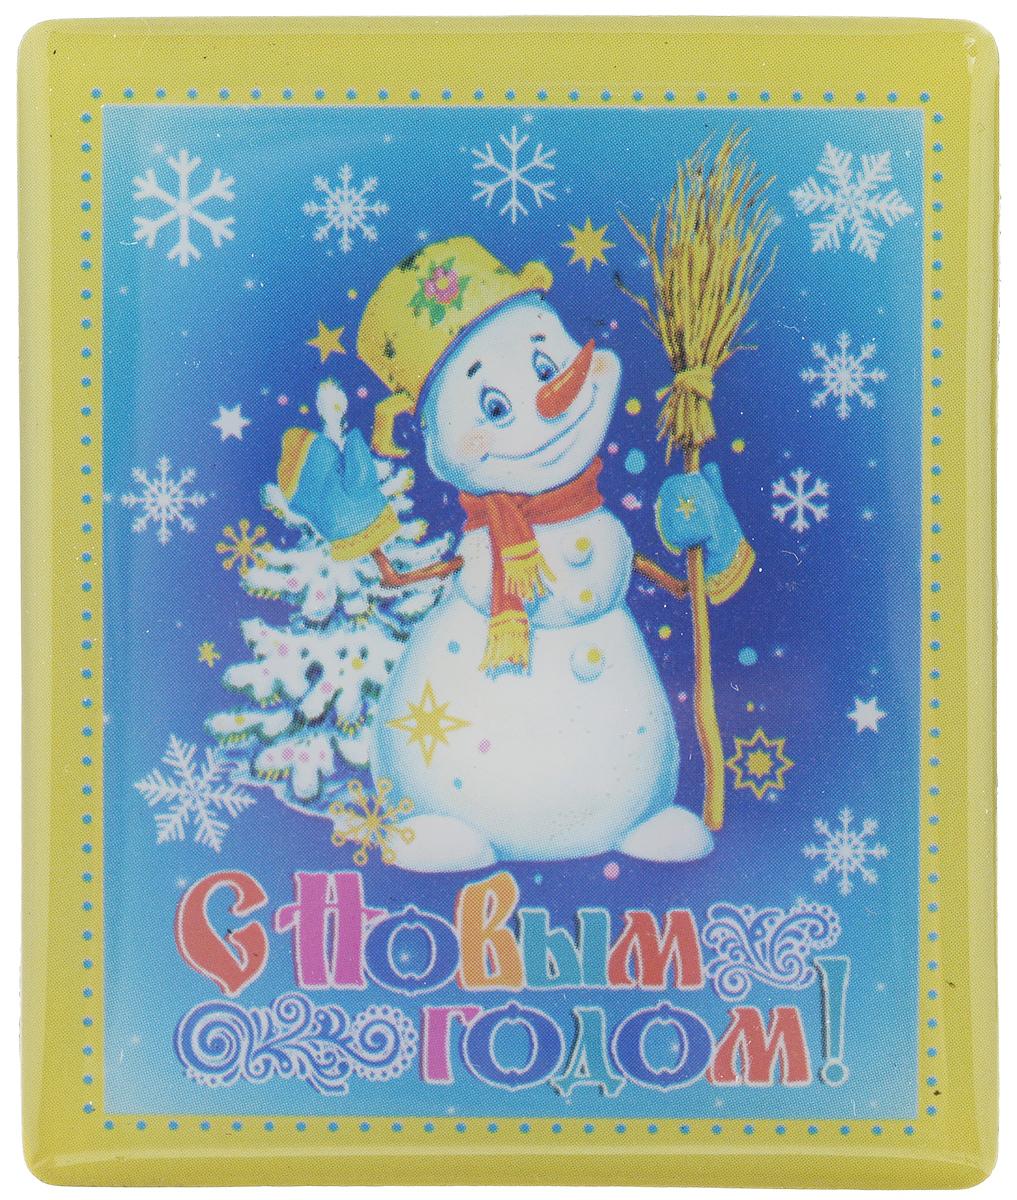 Магнит Феникс-Презент Снеговик, 5 x 6 см17235Магнит прямоугольной формы Феникс-Презент Снеговик, выполненный из агломерированного феррита, станет приятным штрихом в повседневной жизни. Оригинальный магнит, декорированный изображением снеговика и надписи С Новым Годом!, поможет вам украсить не только холодильник, но и любую другую магнитную поверхность. Материал: агломерированный феррит.